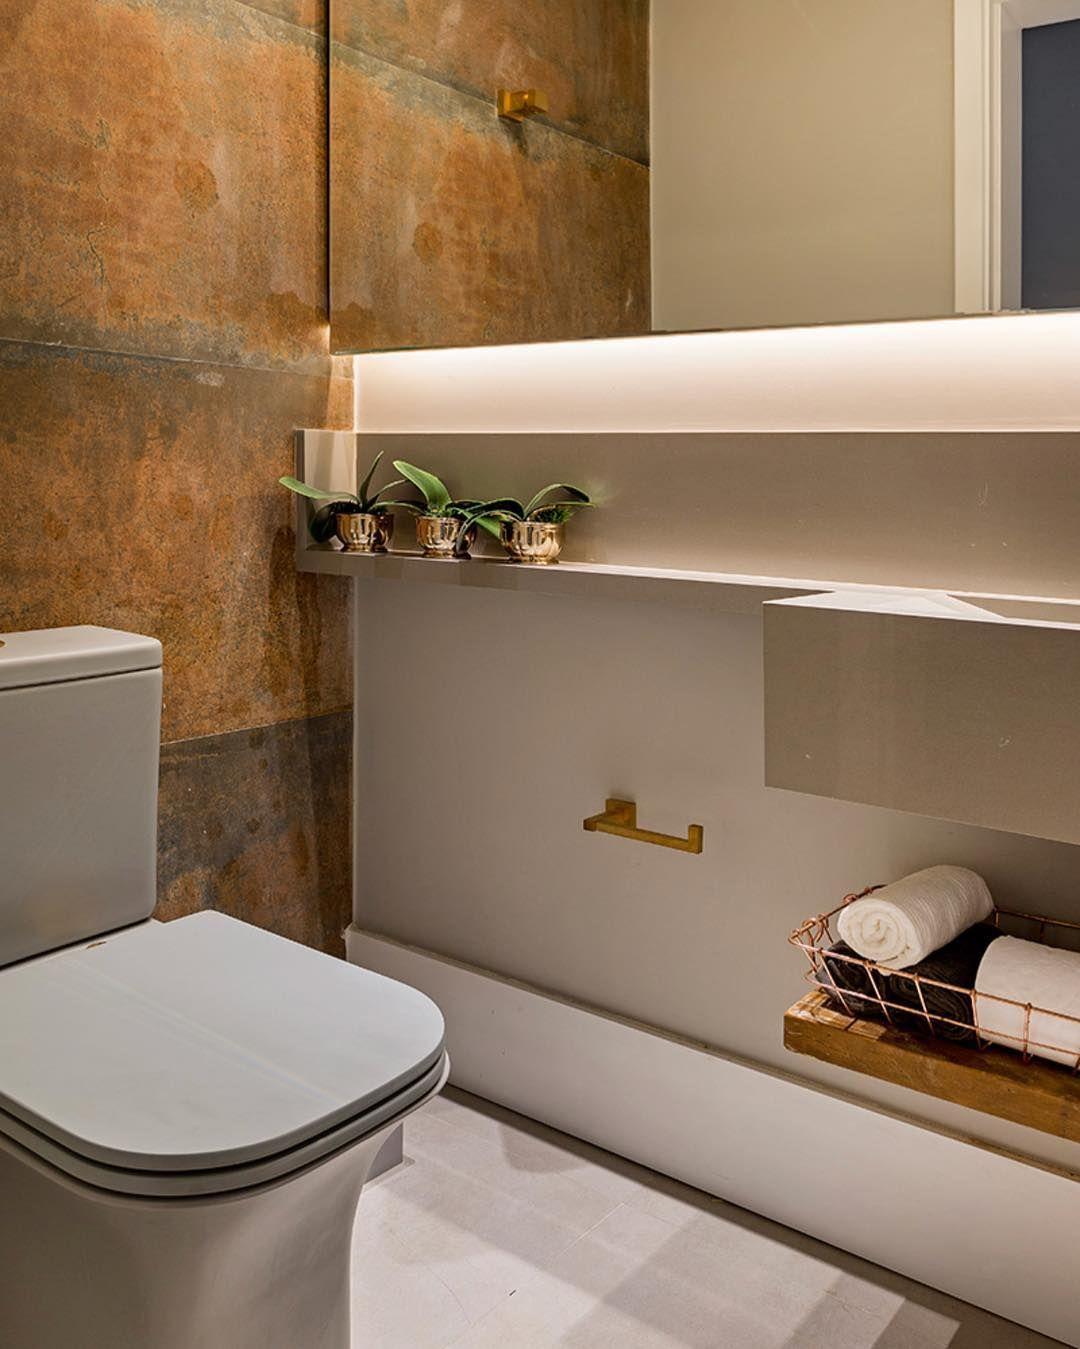 Pin de Paloma Borba em banheiro em 2020 | Aço corten, Interiores,  Porcelanato